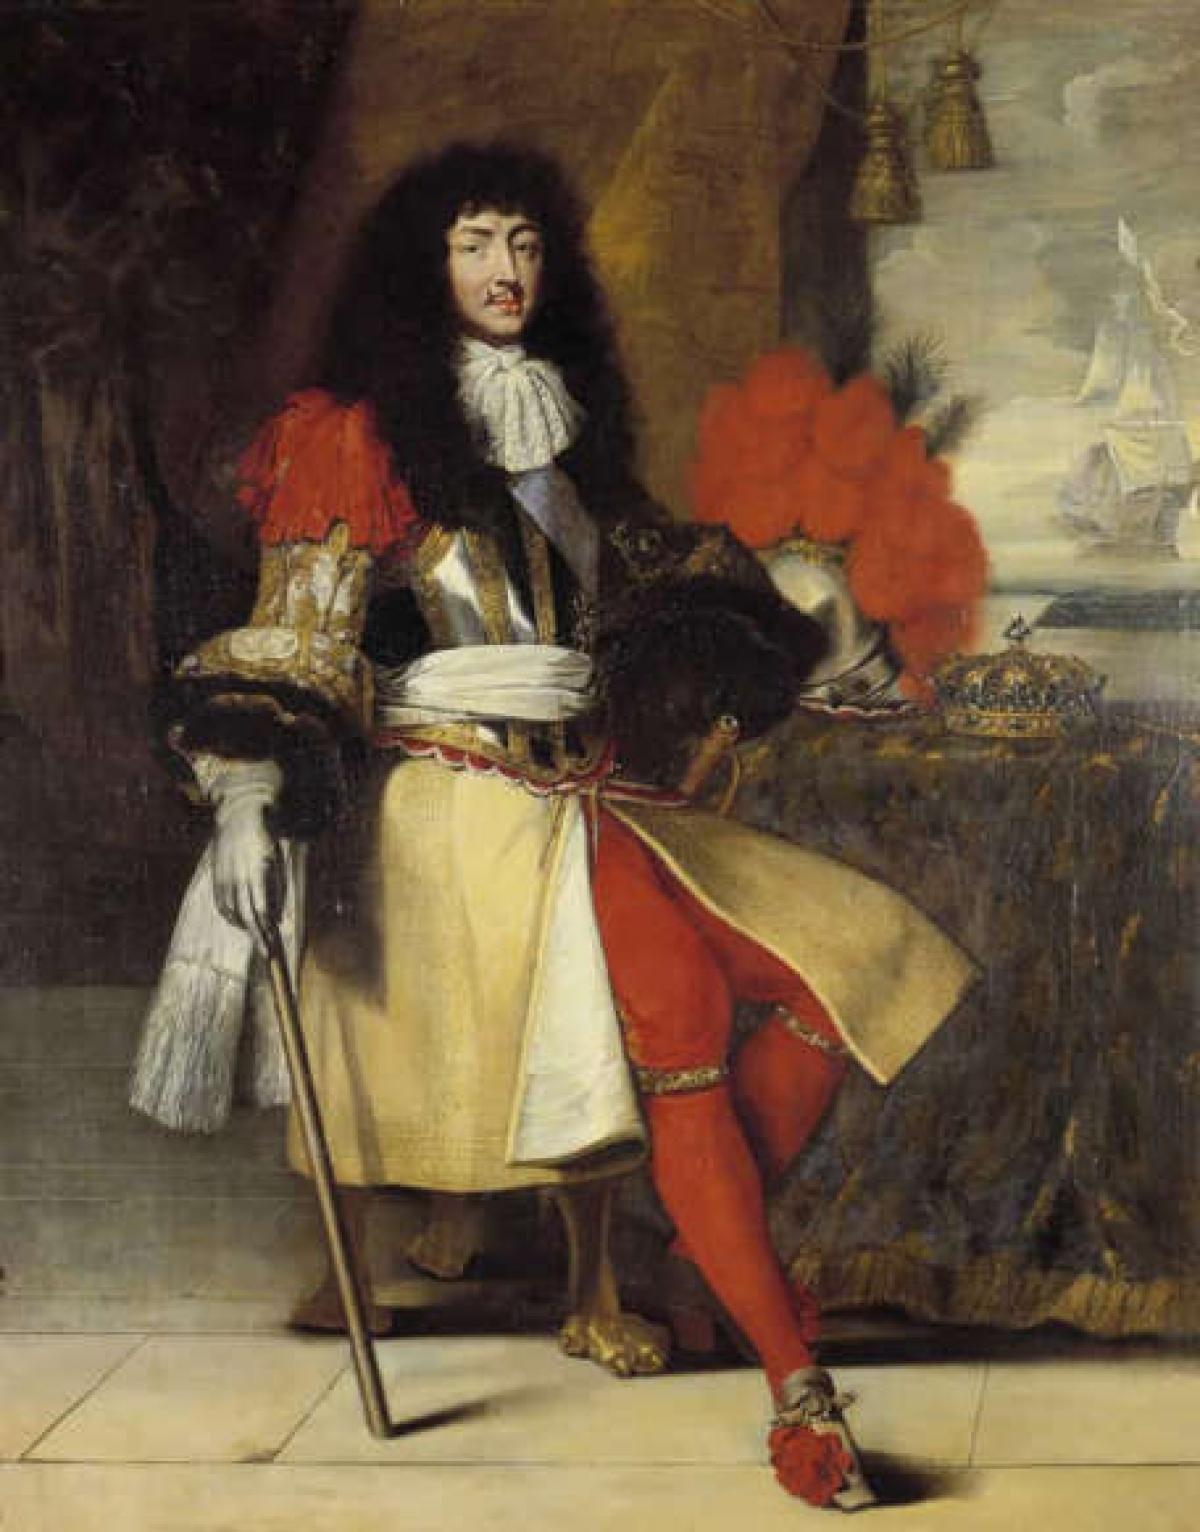 Vua Louis XIV.Vua Louis XIV của nước Pháp trị vì 72 năm, ông là vị vua tại vị lâu nhất trong lịch sử nước Pháp và lịch sử châu Âu./.